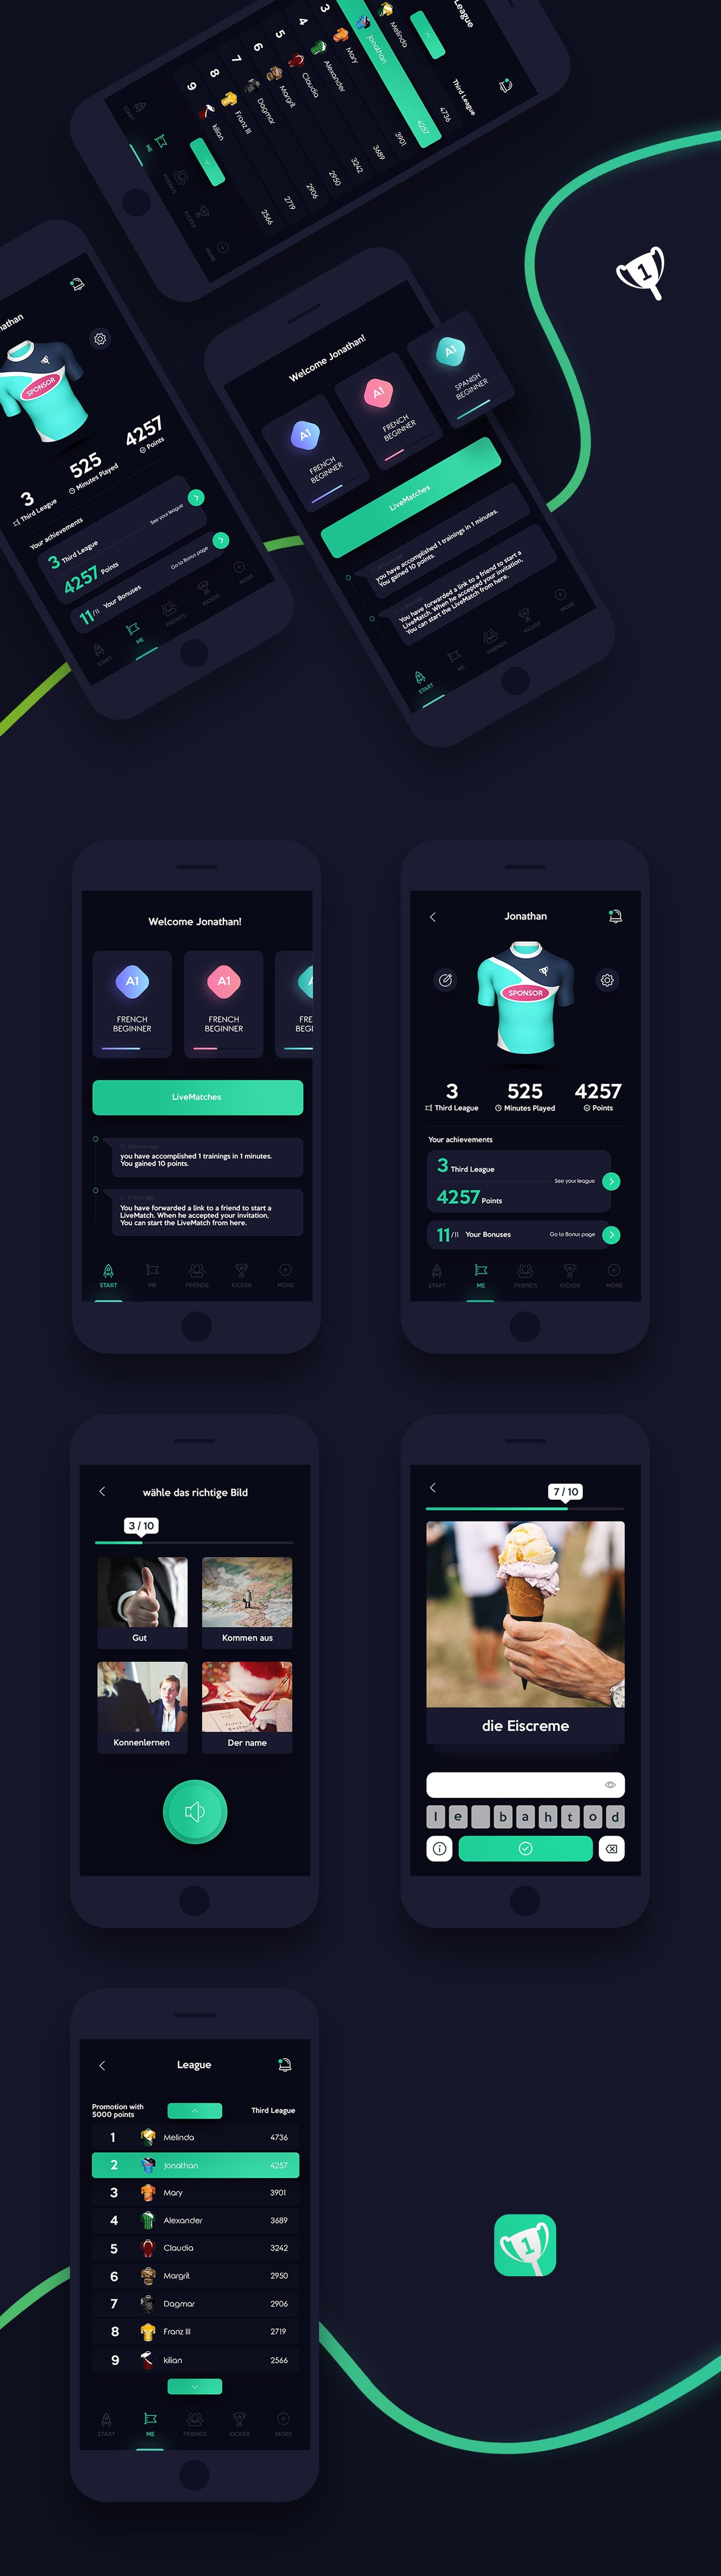 An app design